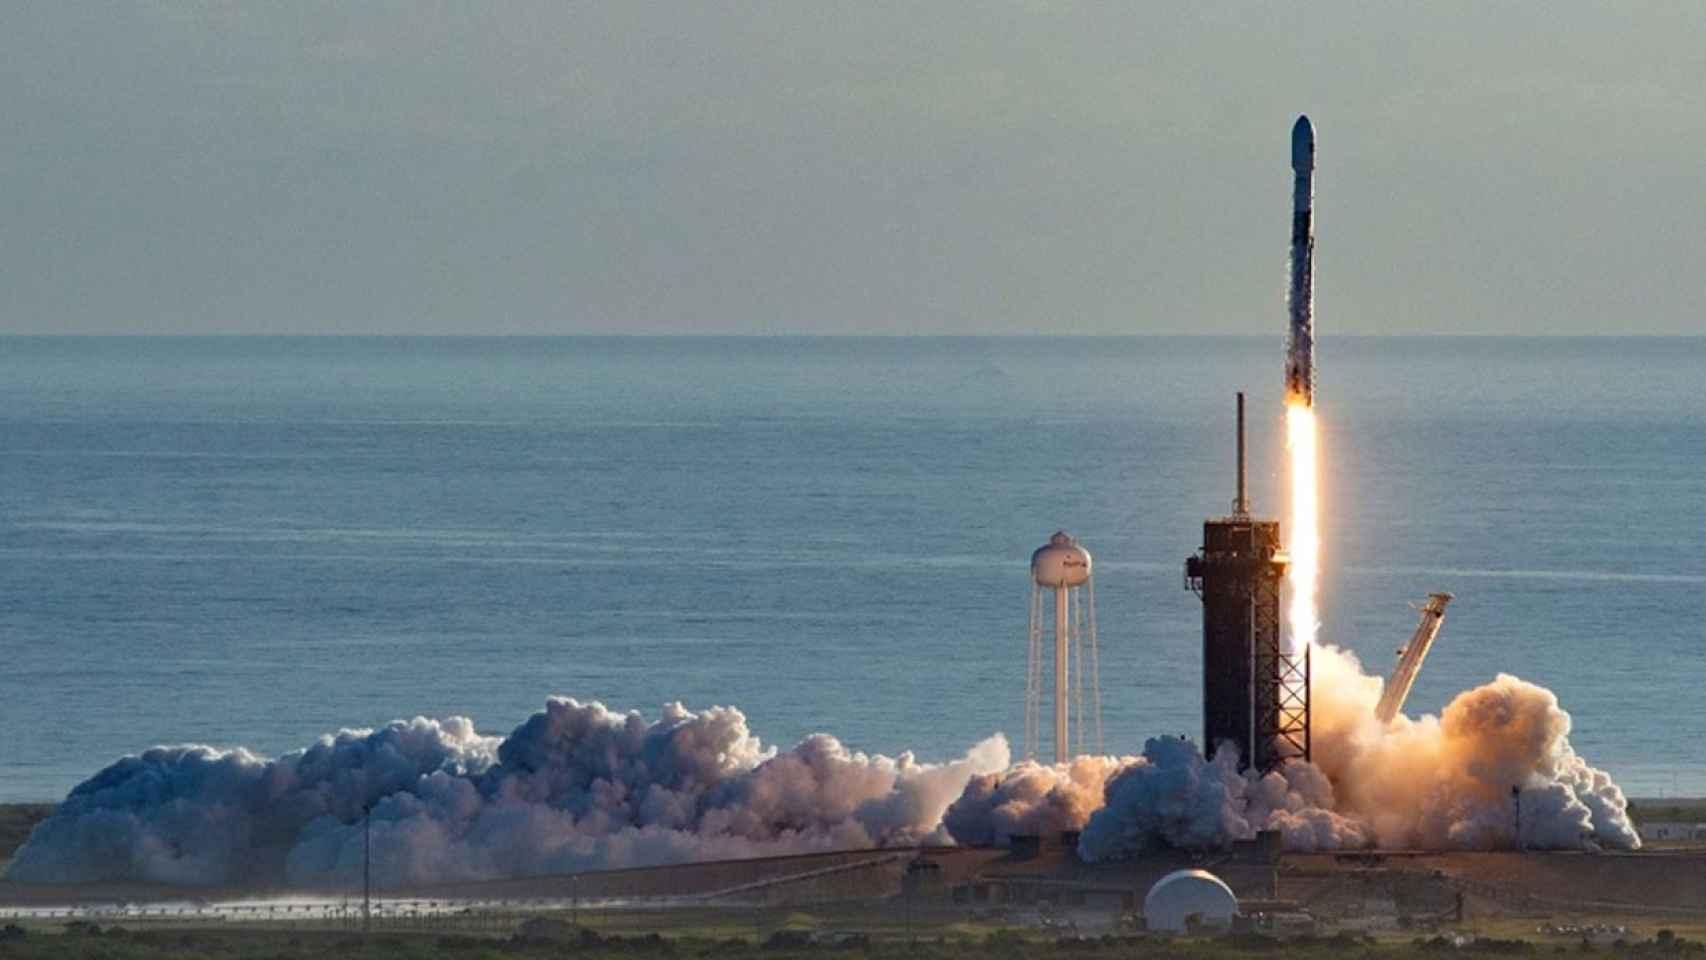 Uno de los lanzamientos del proyecto Starlink de SpaceX, la compañía de Elon Musk.